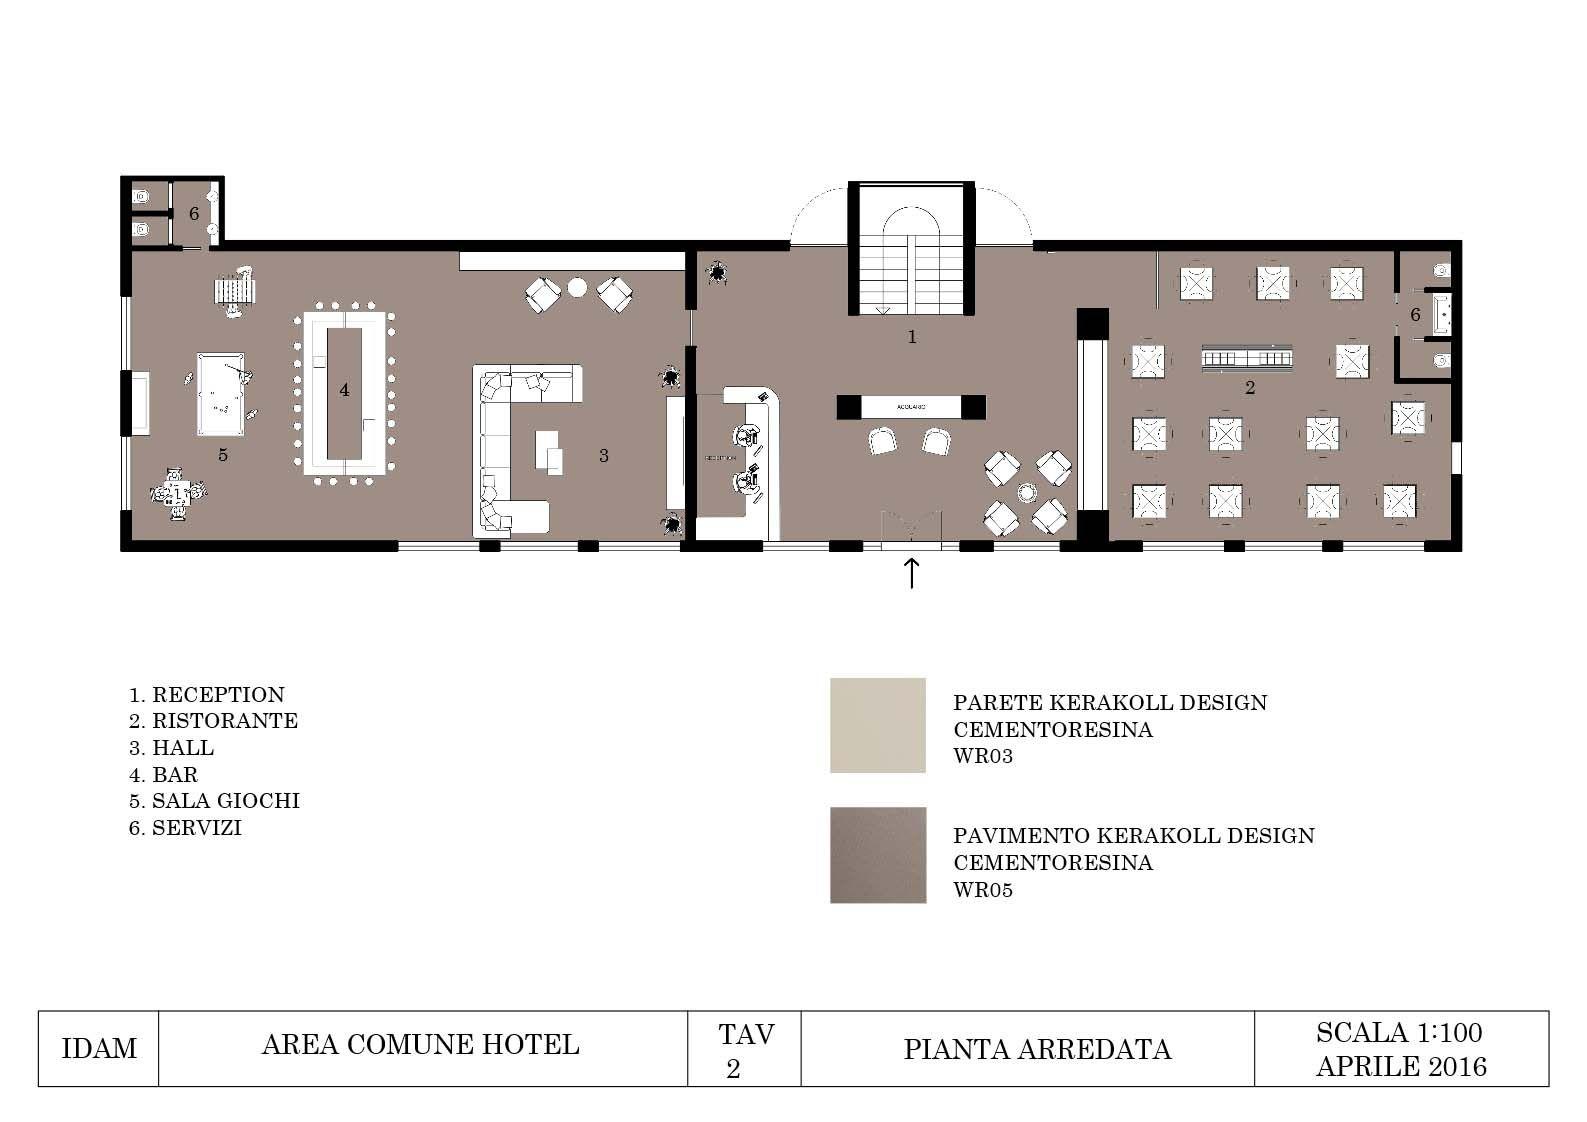 Corso interior design livello avanzato madeininterior for Corso interior design napoli